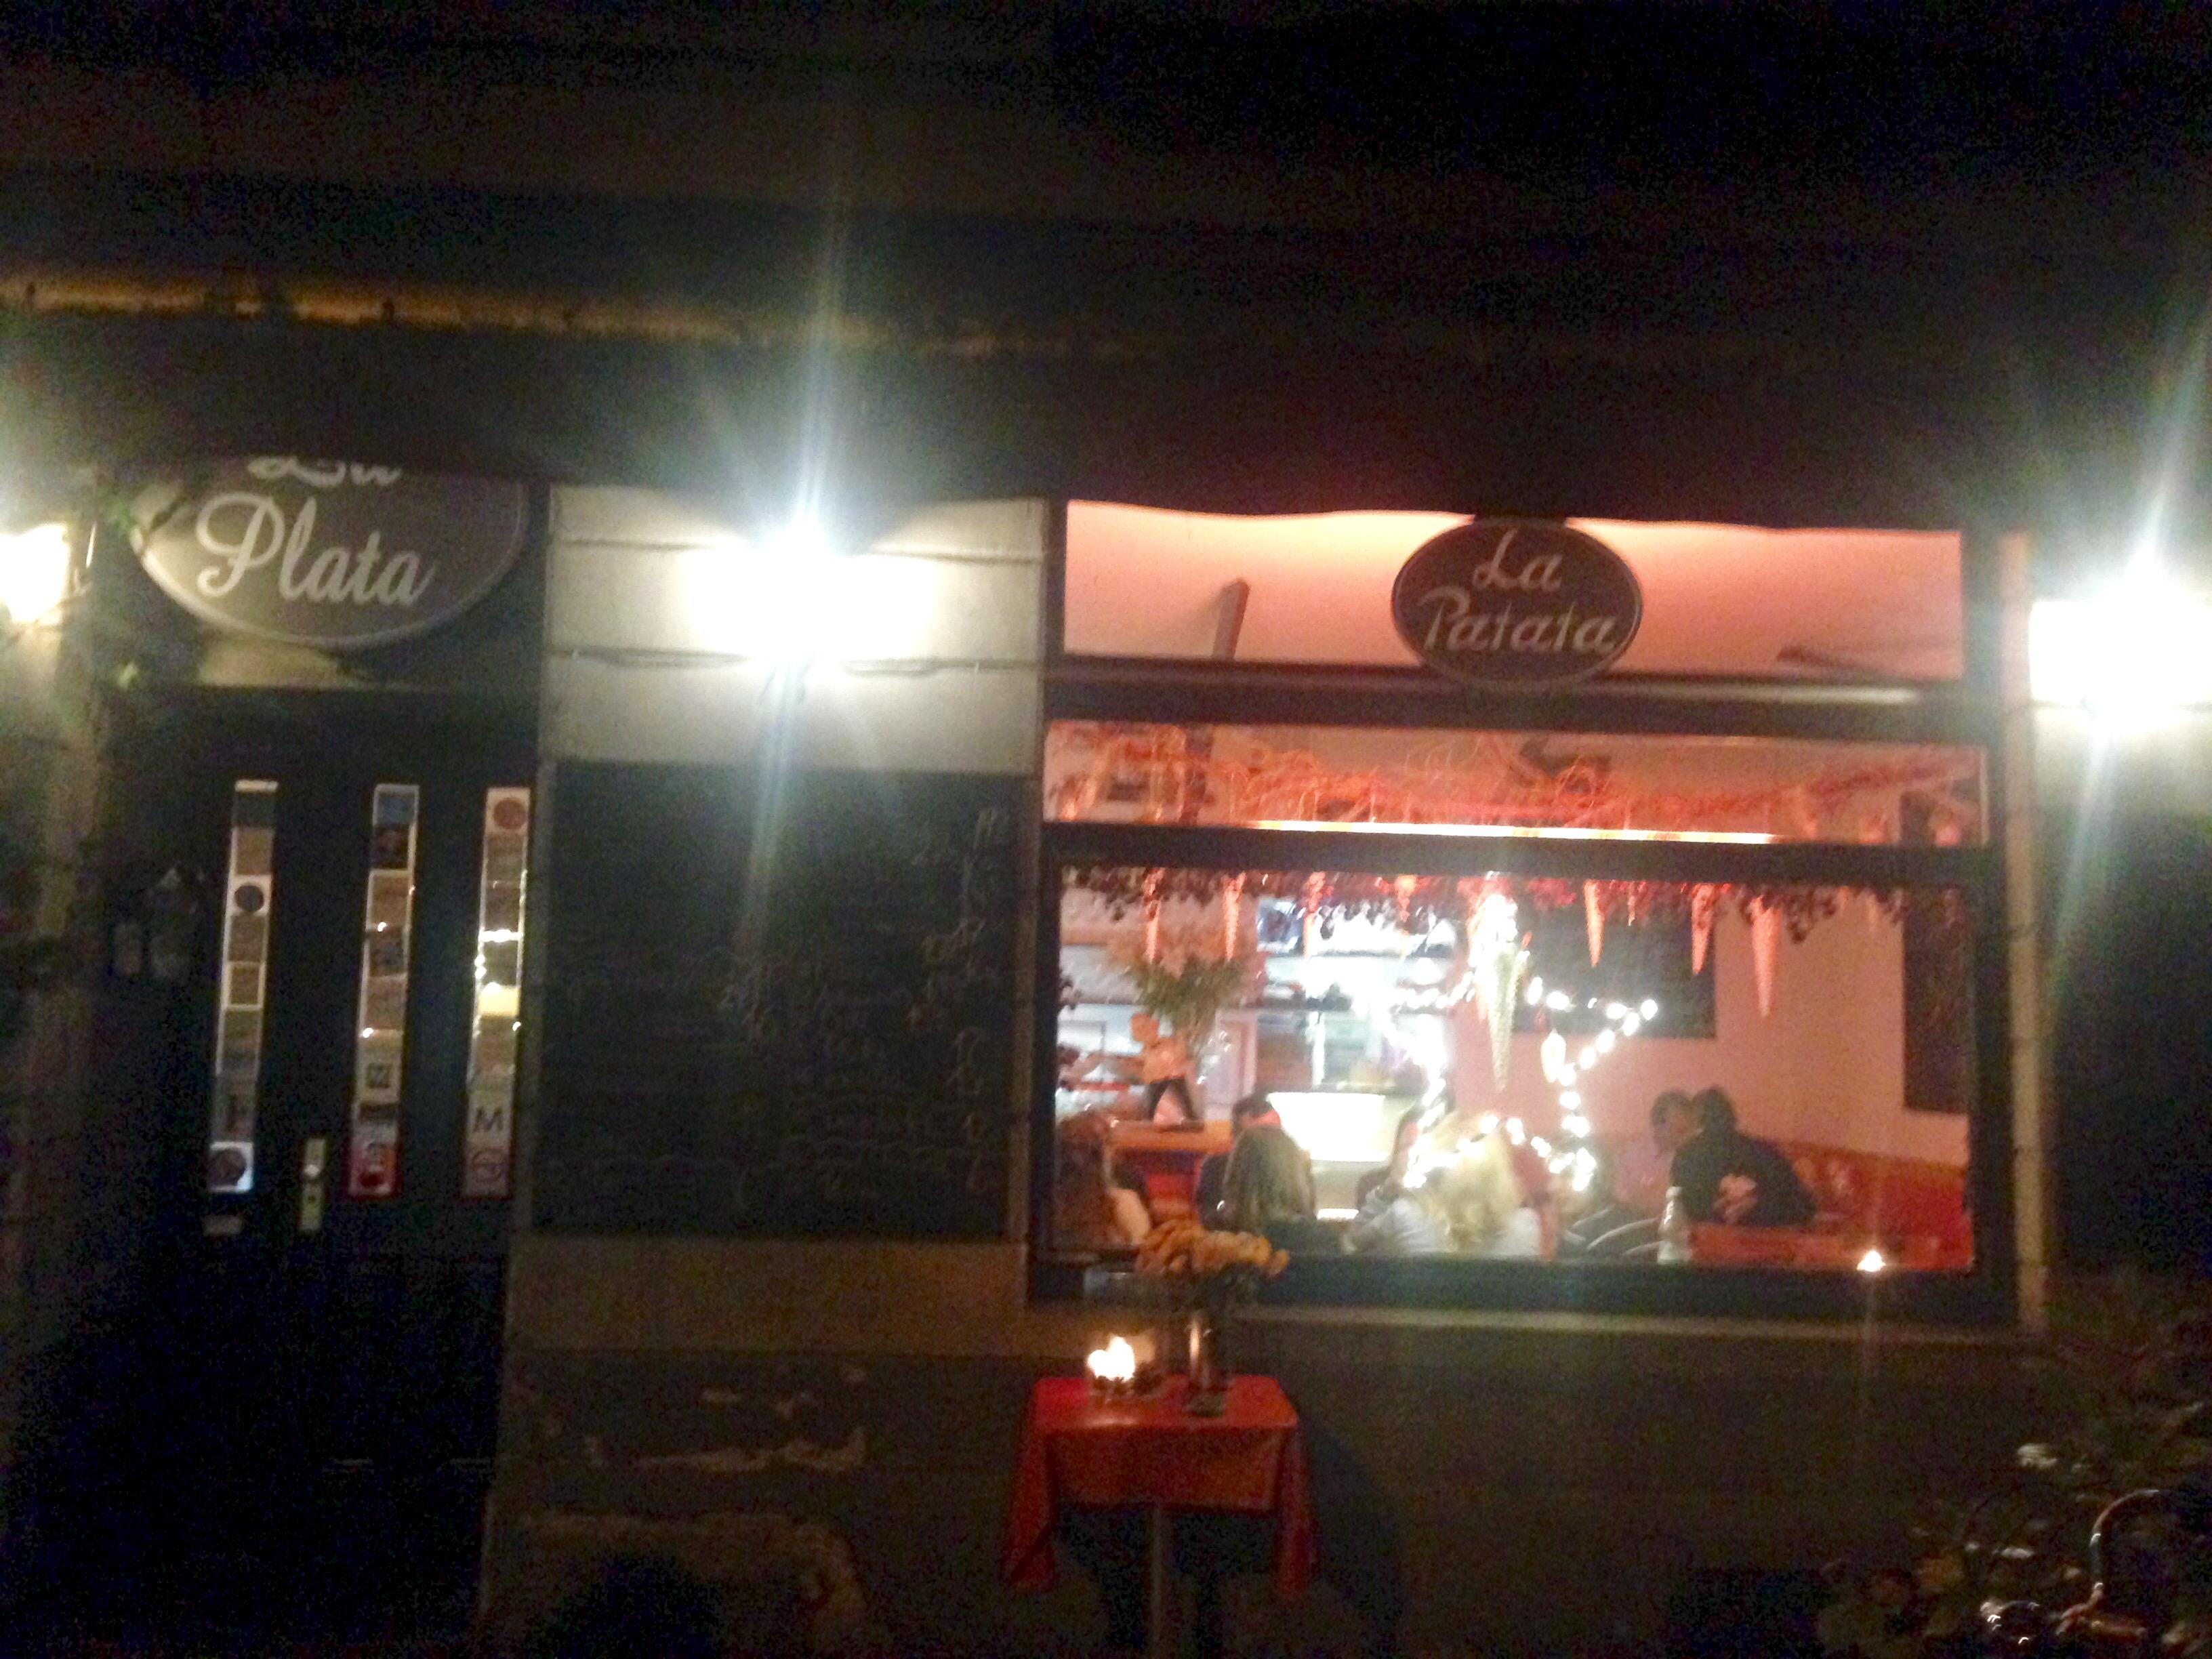 La Patata La Plata – Kleiner Geheimtipp für Fans der spanischen ...